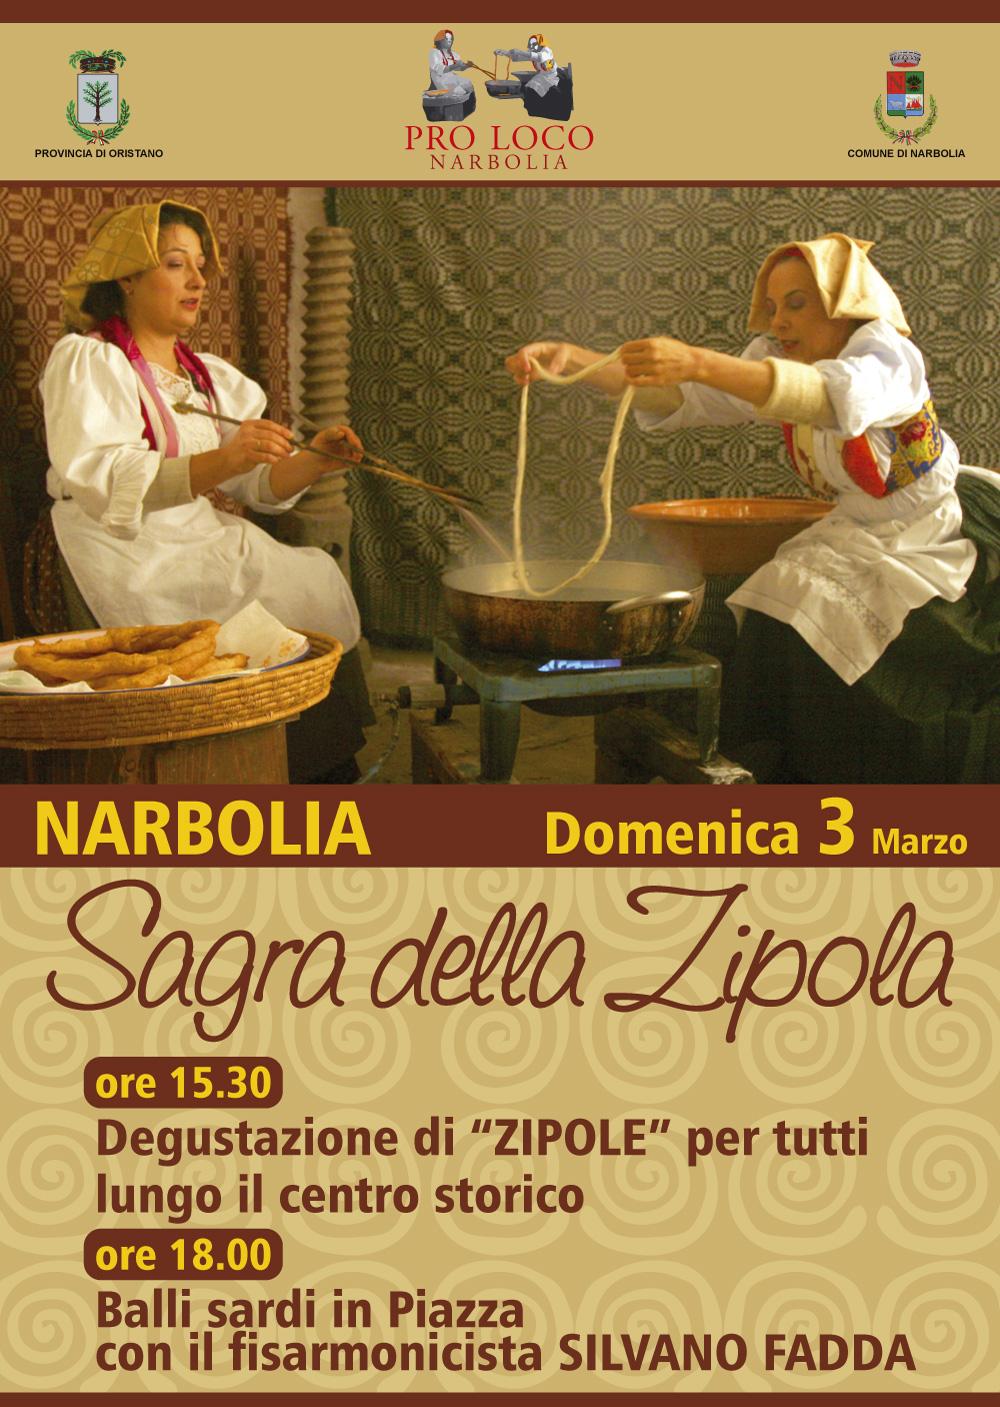 Sagra della Zipola 2013 - Narbolia